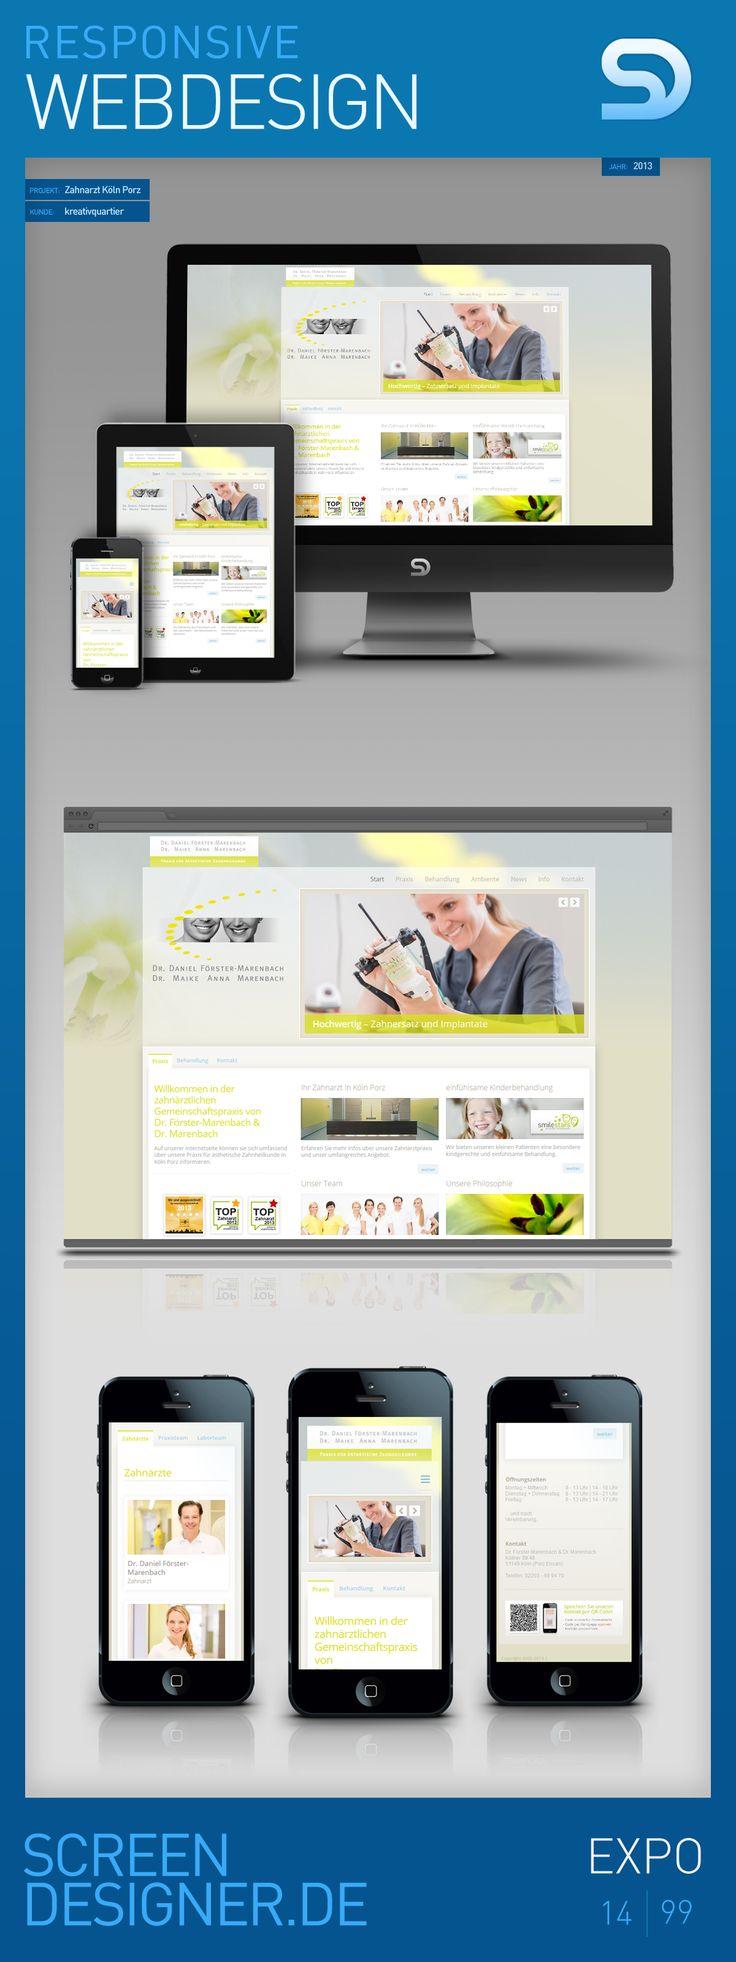 Responsive Webdesign für den Relaunch der Webseite eines Zahnarzt aus Köln Porz - by SCREENDESIGNER.DE - #responsive #design #webdesign